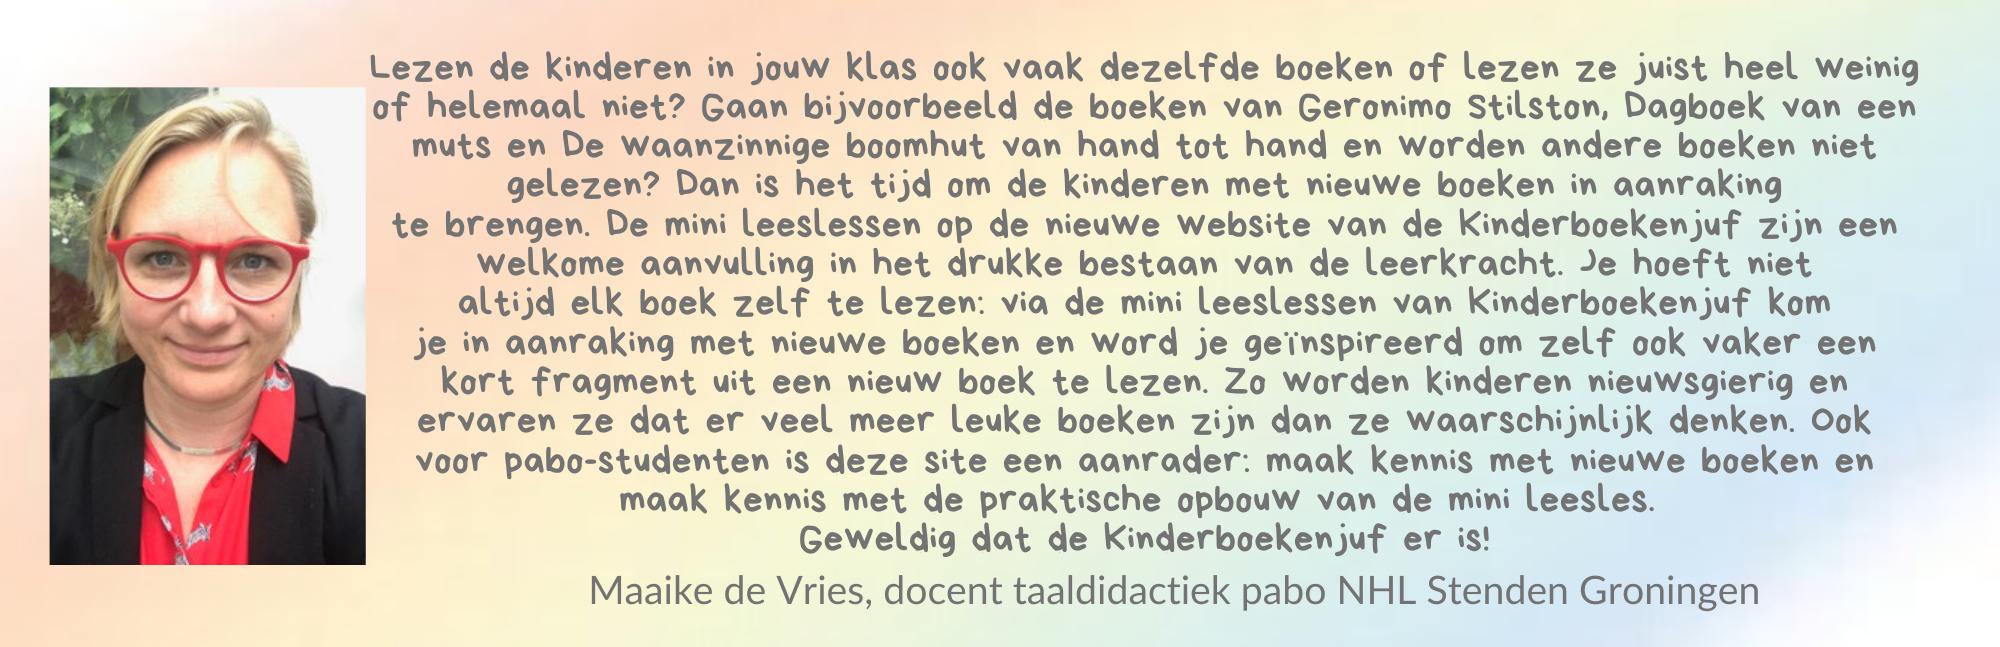 Review Lezen met Kinderboekenjuf Maaike de Vries